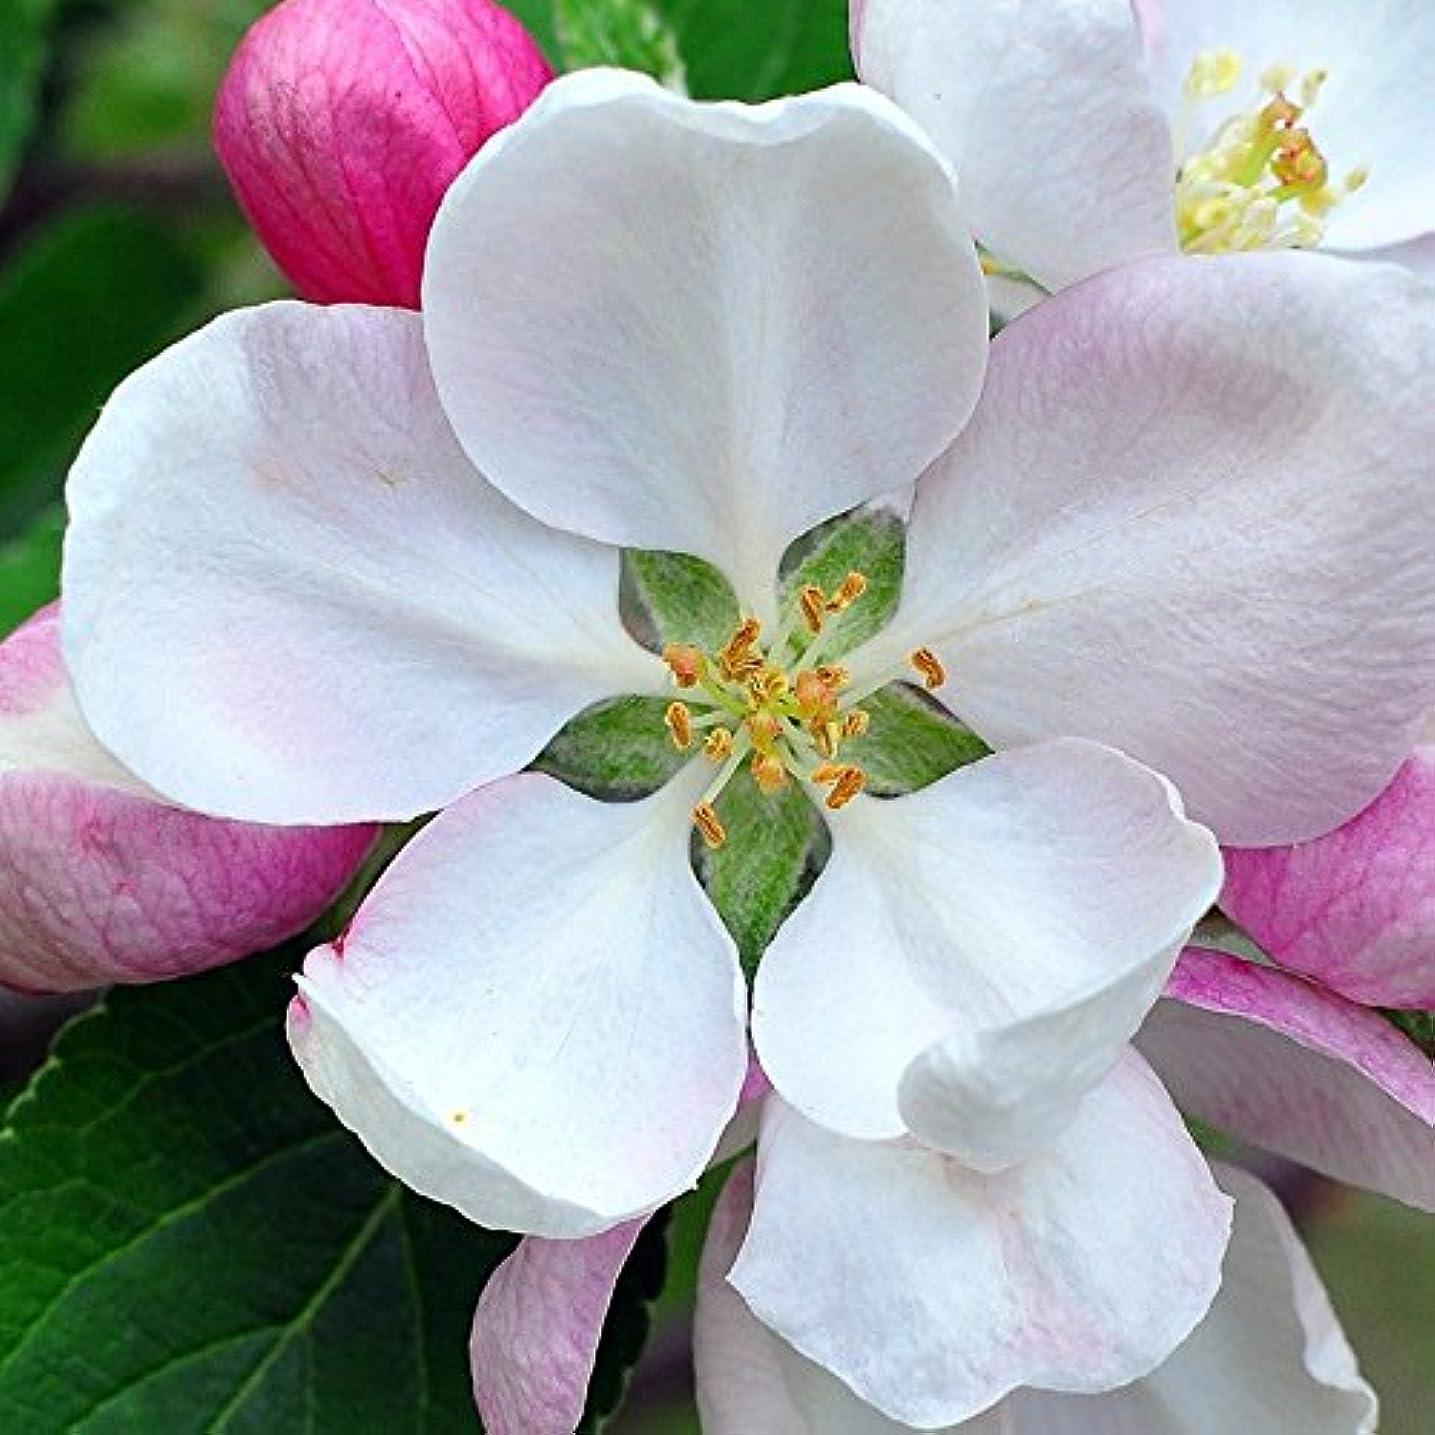 いうレッスンロゴアロマフレグランスオイル 日本モクレン(Japanese Magnolia)